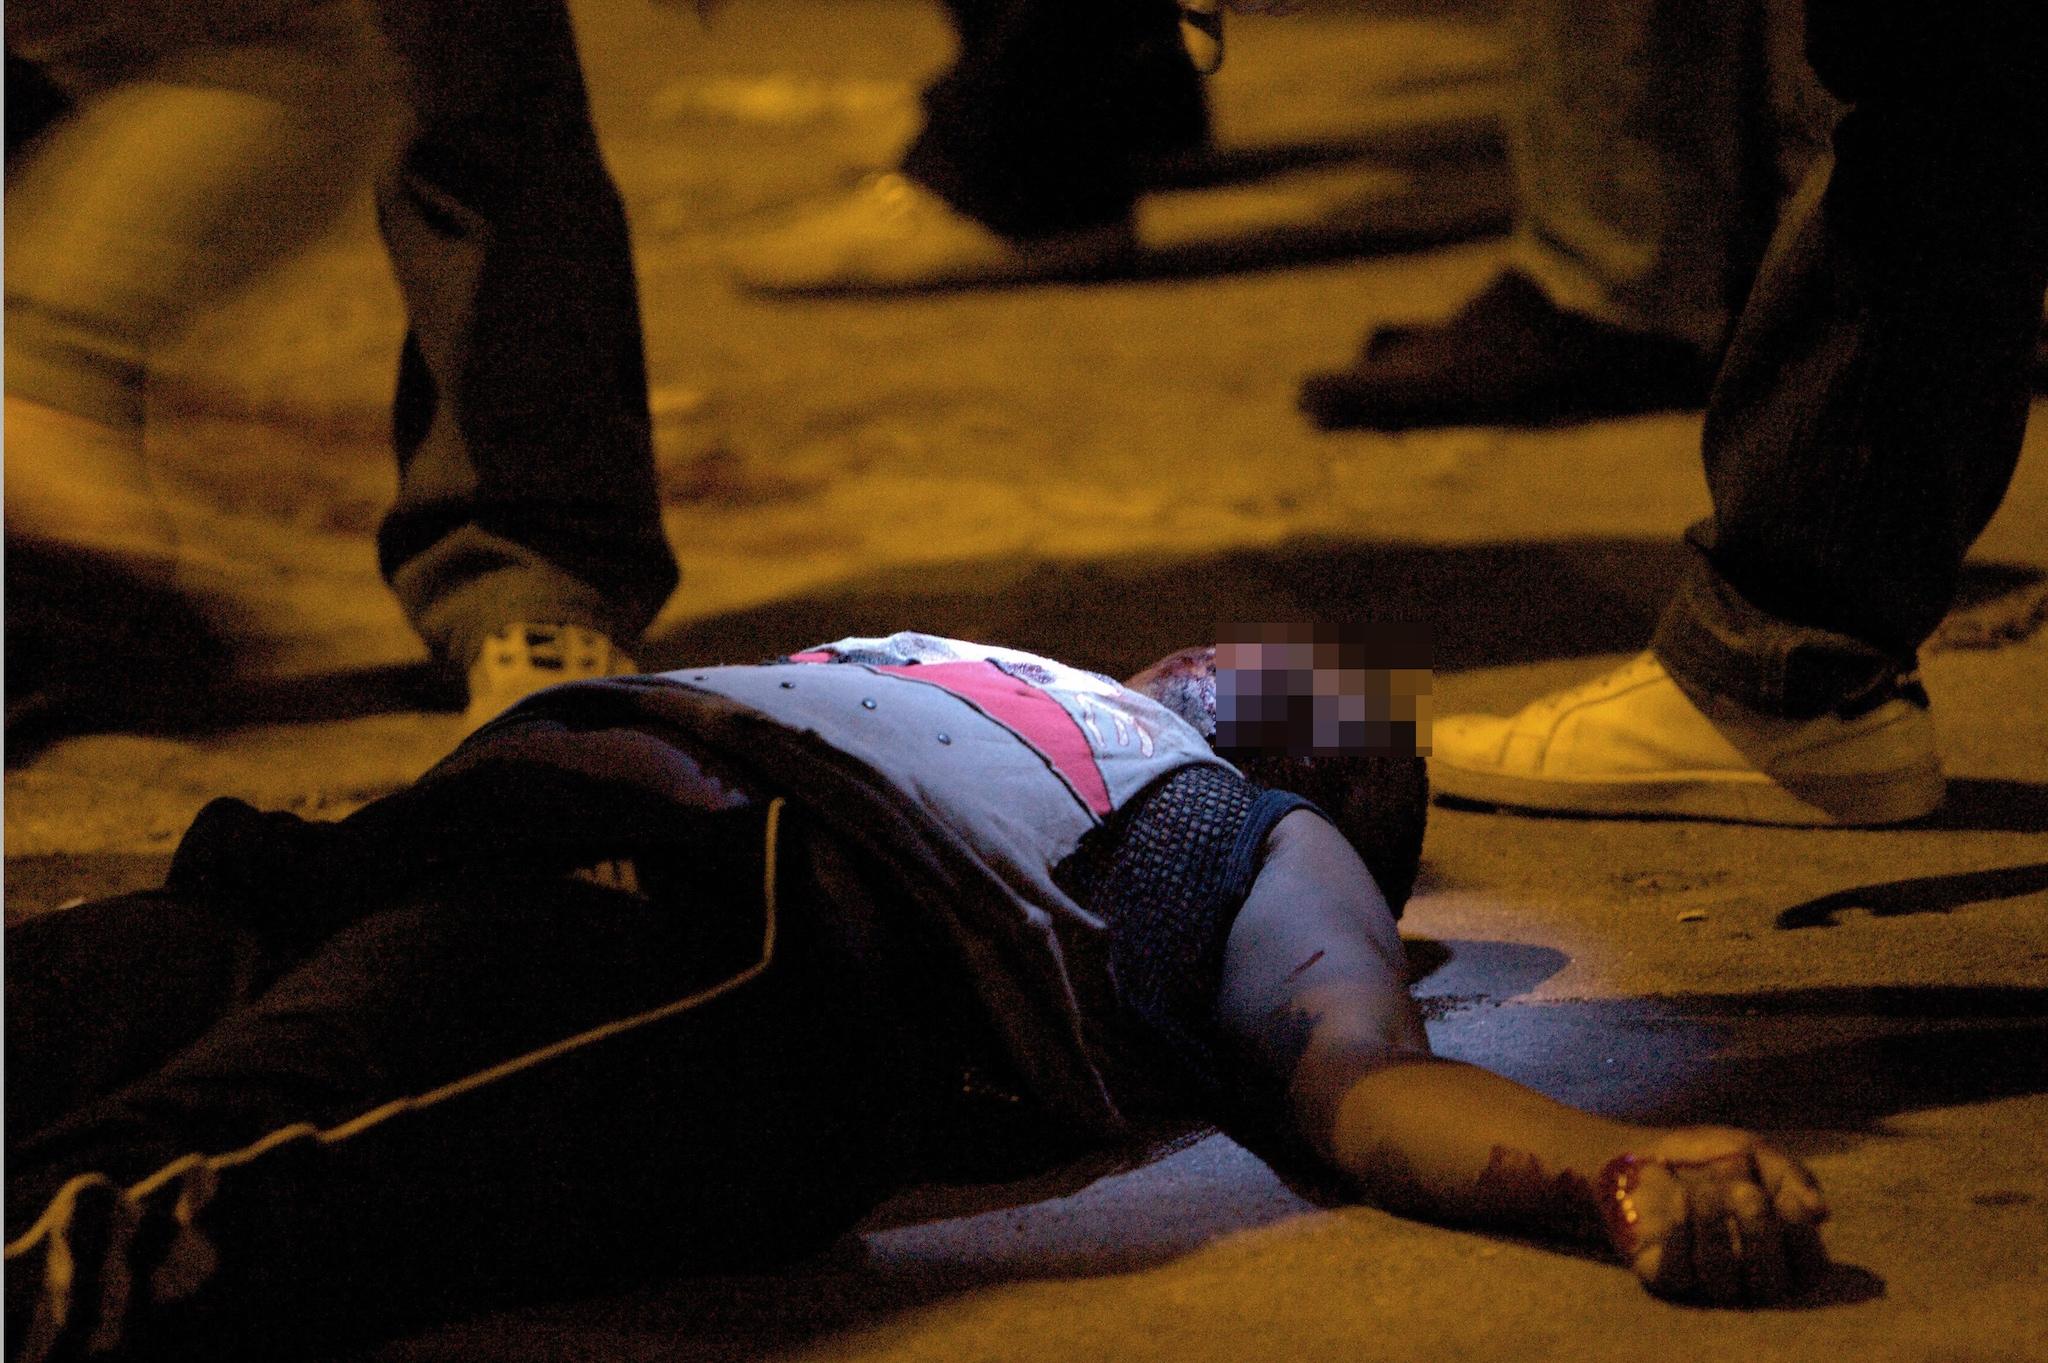 Una delle vittime della strage, crivellata di colpi